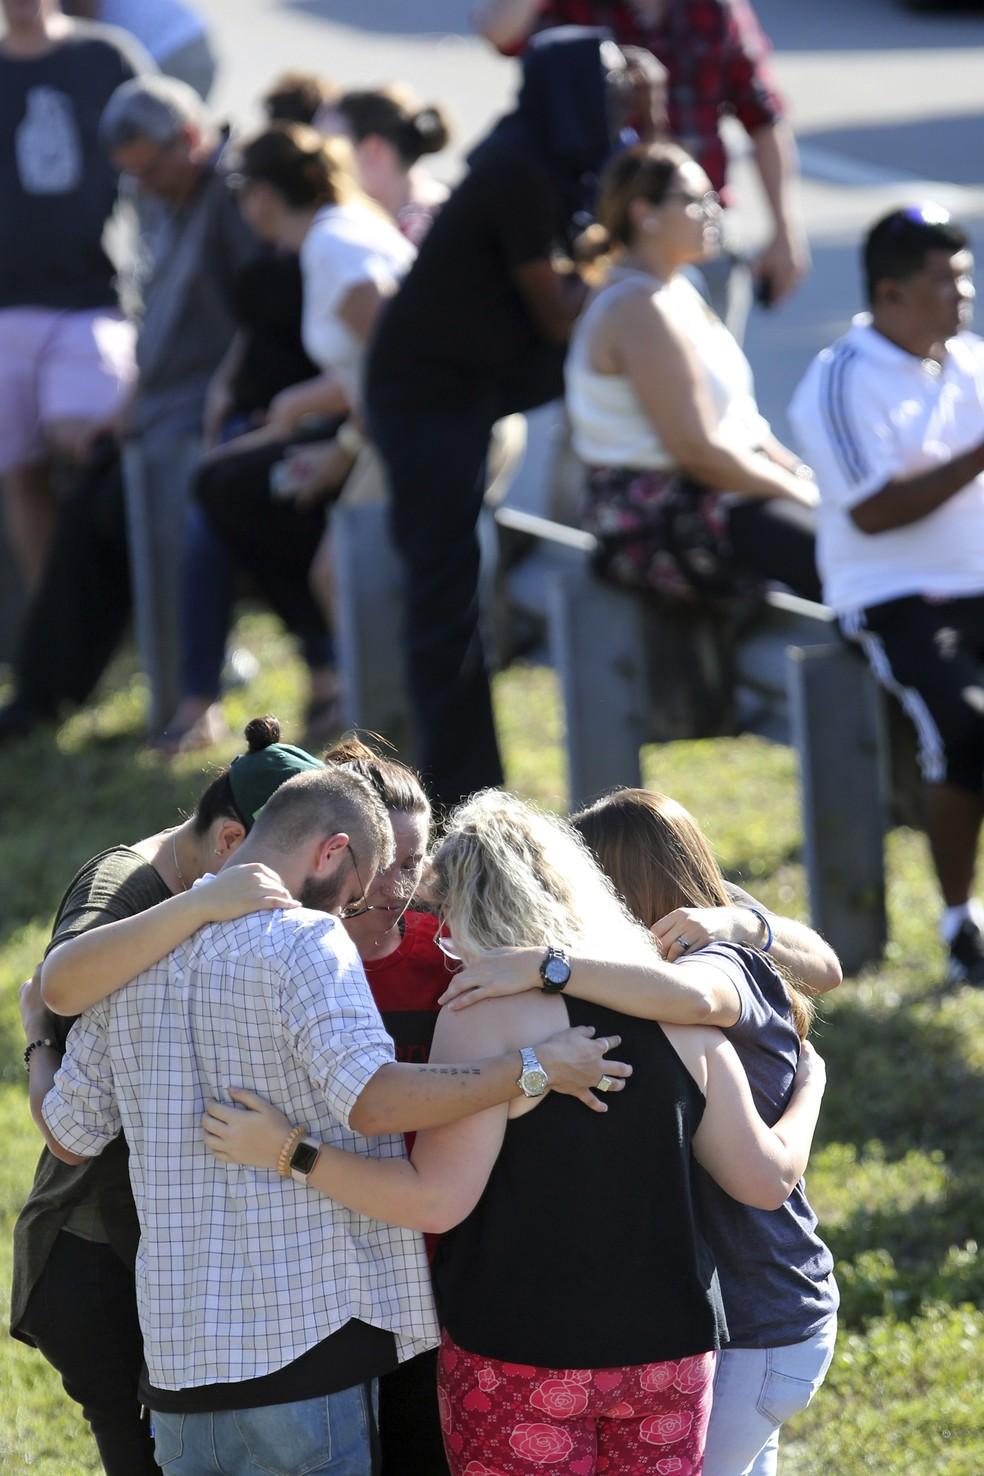 Familiares rezam em frente à escola Marjory Stoneman Douglas High School, em Parkland, na Flórida, onde um tiroteio deixou mortos e feridos (Foto: Amy Beth Bennett/South Florida Sun-Sentinel via AP)